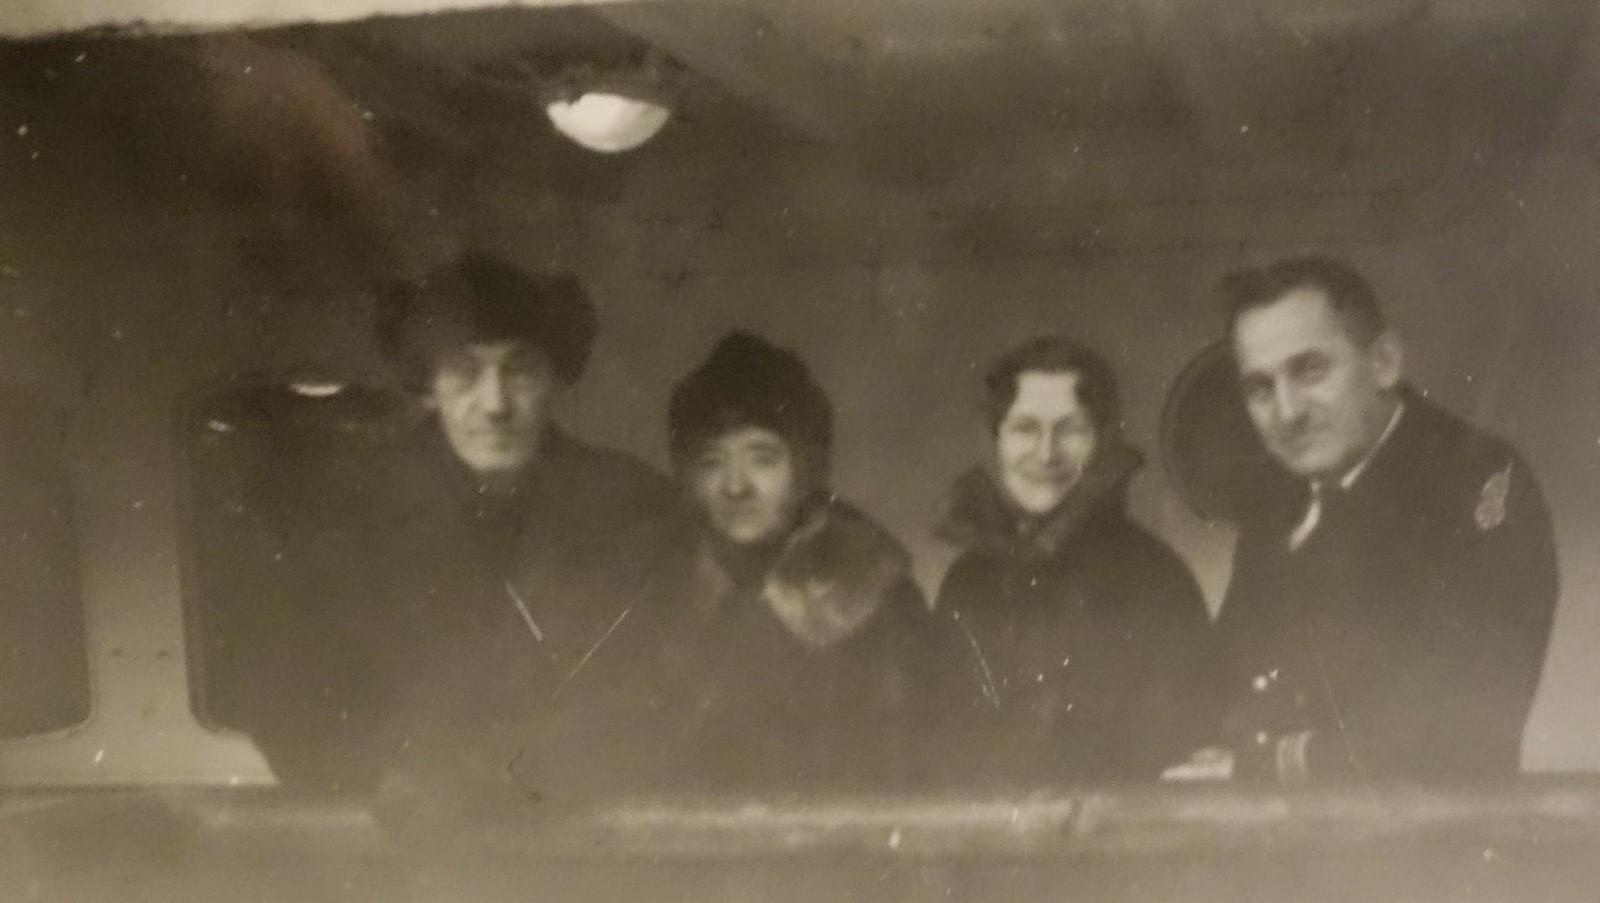 – Siste bilde av vår kjære bror, noterer farfar i almanakken. Fritjof og Anna står til venstre på hurtigruta. De er på vei fra sykehuset i Tromsø til Båtsfjord, for at Fritjof skulle dø hjemme etter at legene ikke kunne gjøre mer for kreften hans.